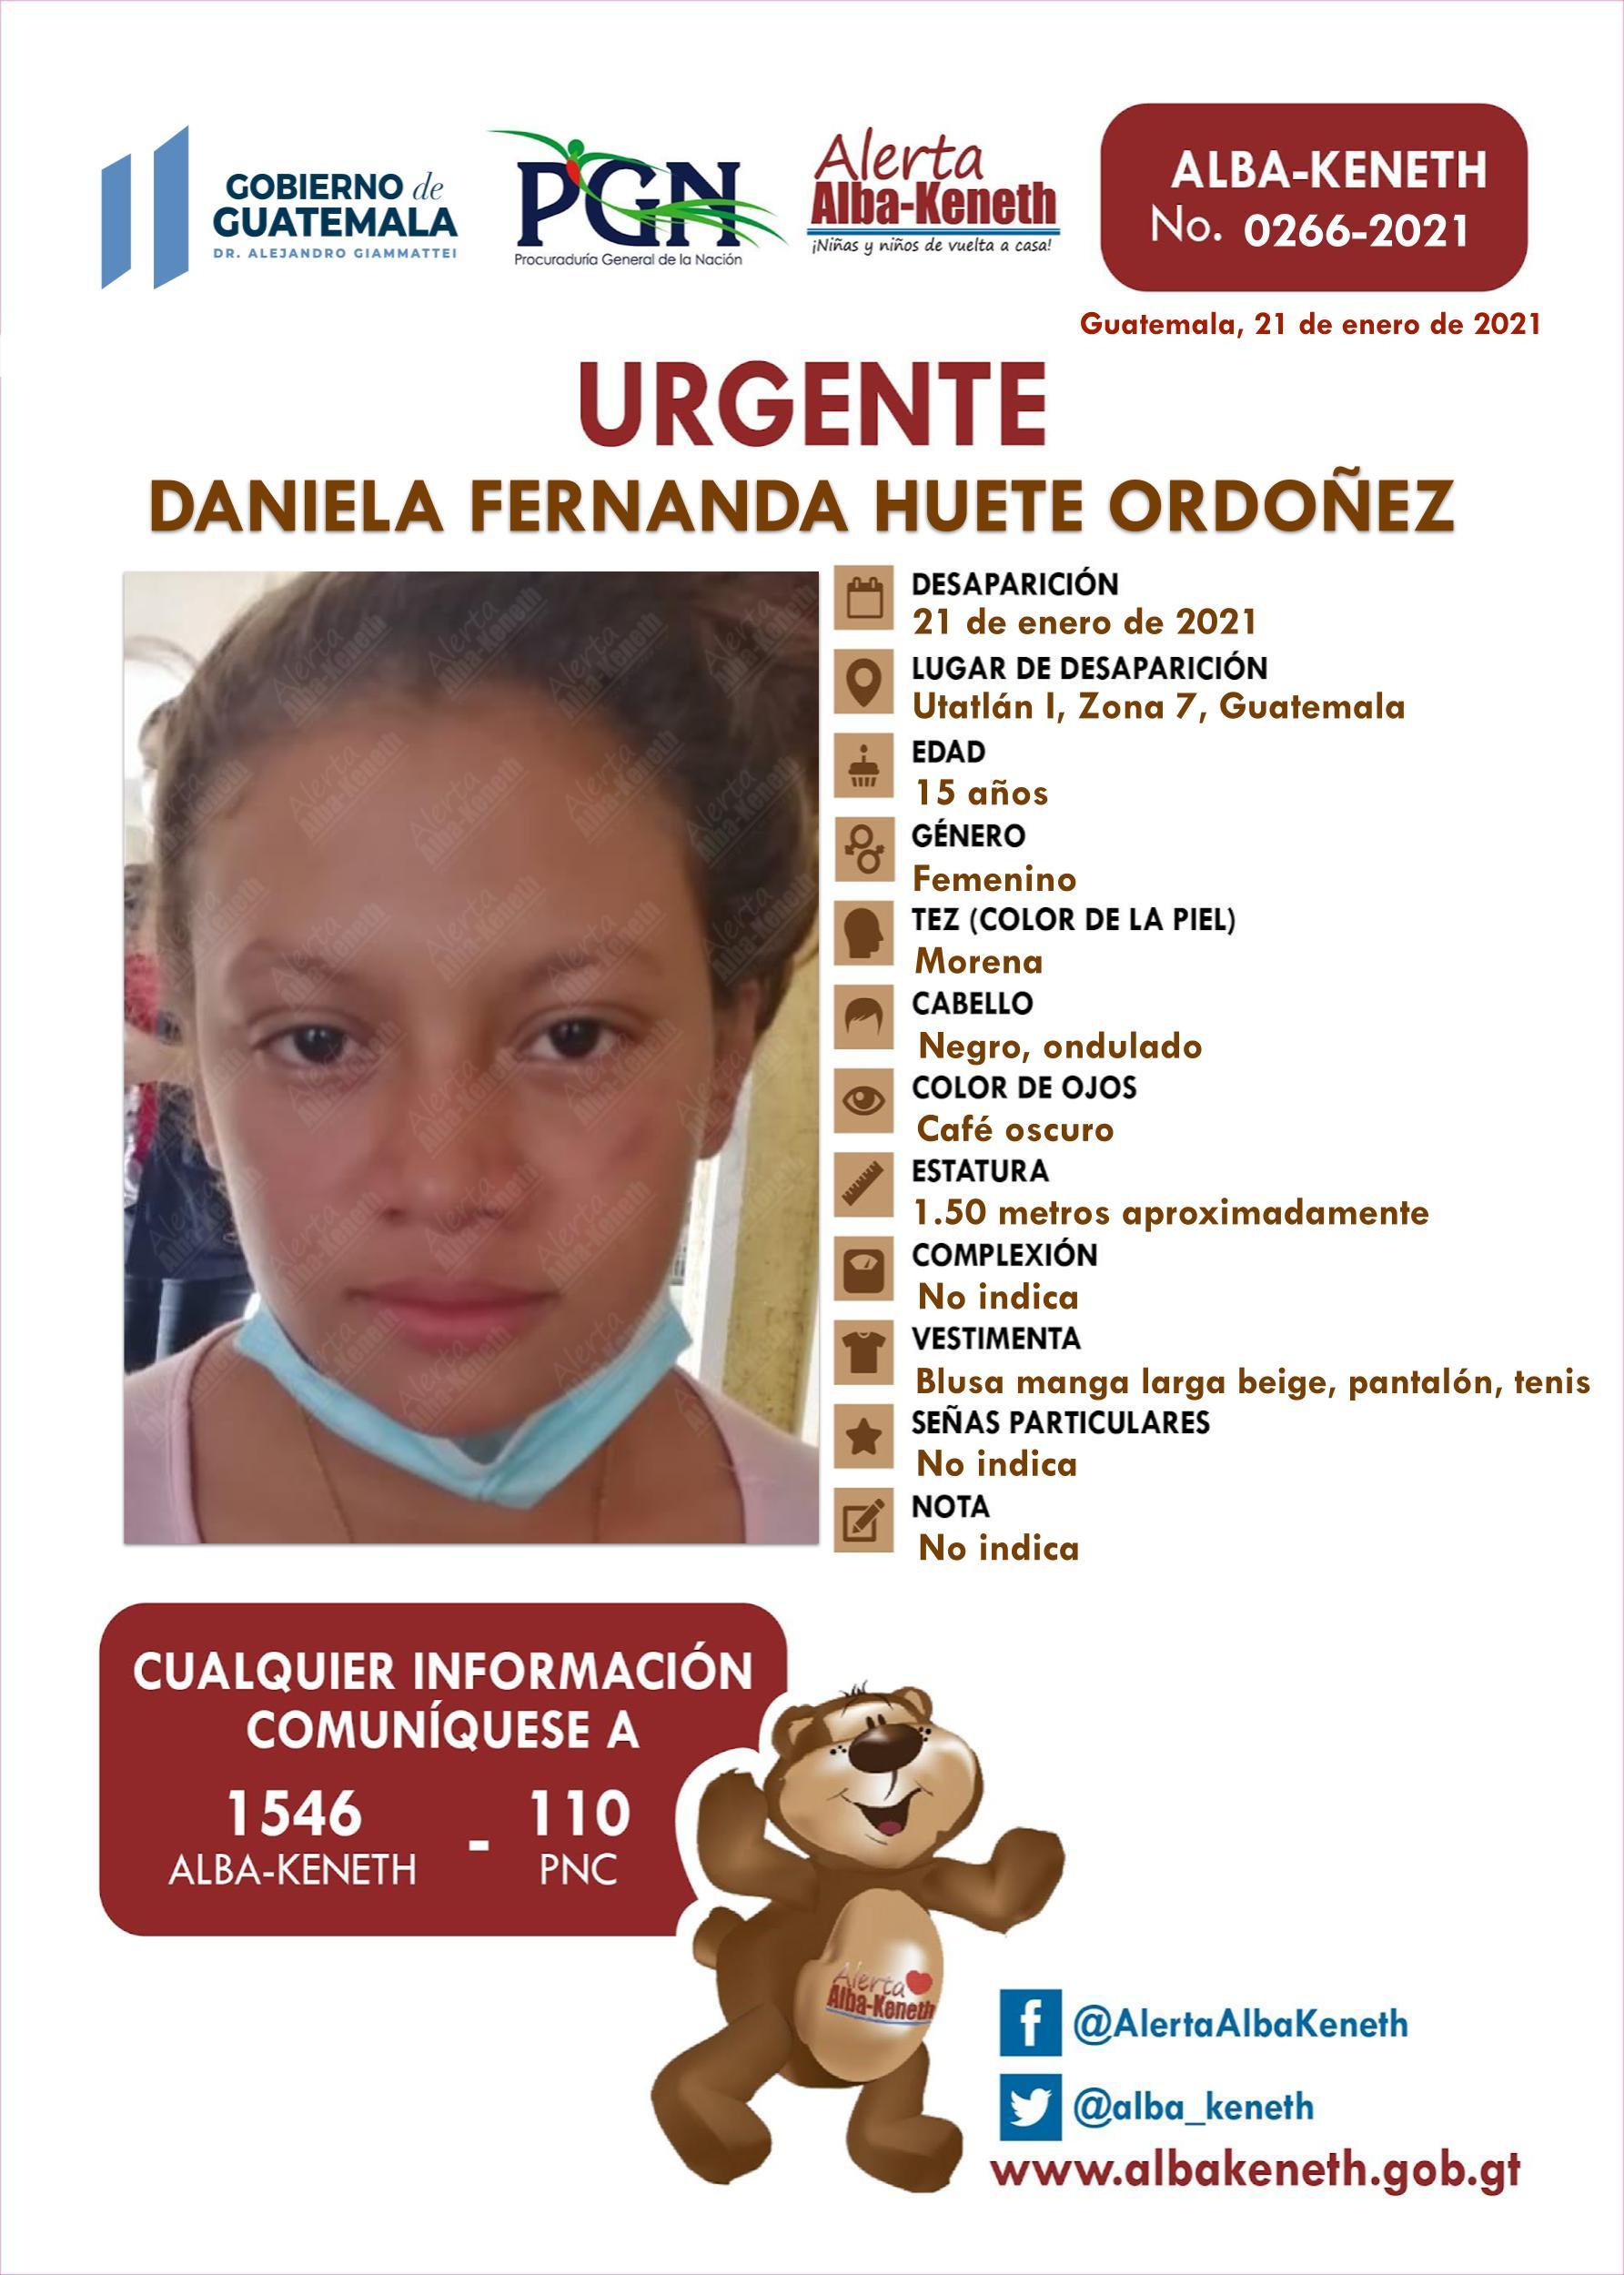 Daniela Fernanda Huete Ordoñez